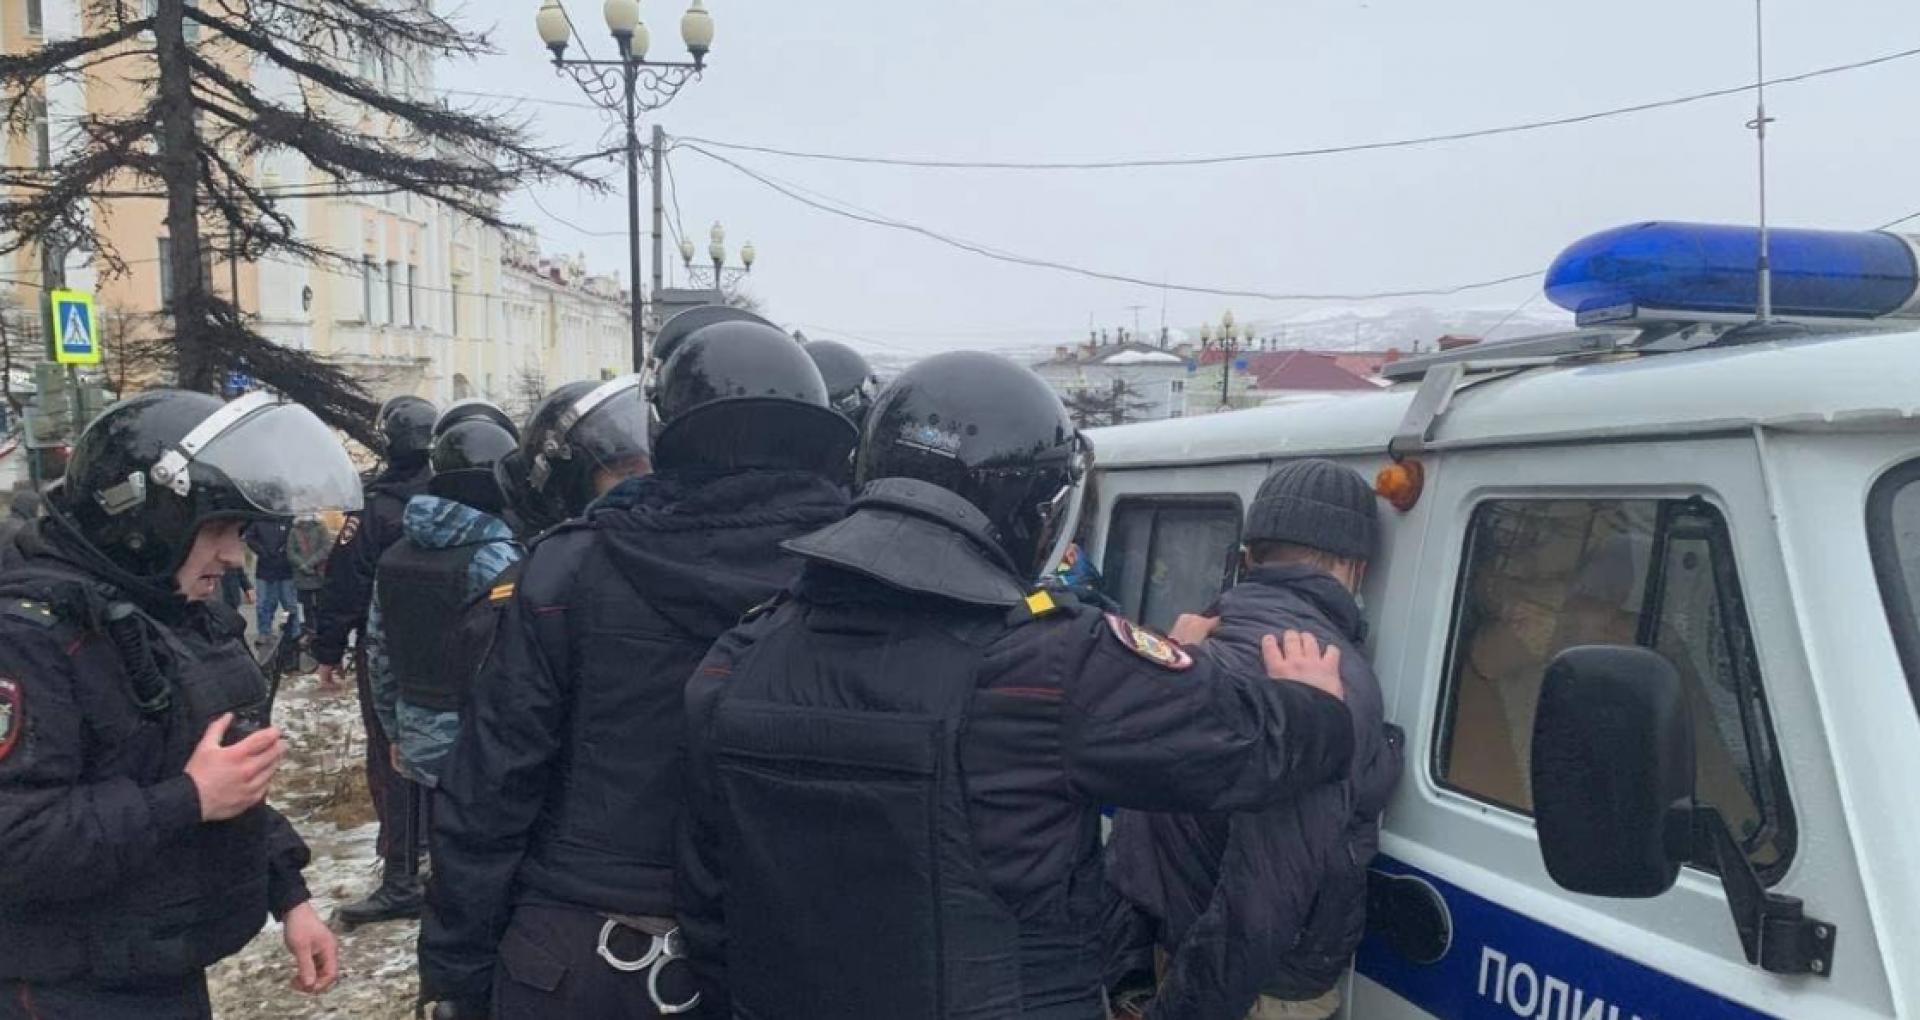 FOTO/ Proteste în susținerea lui Navalny. Aproximativ 200 de persoane, reținute